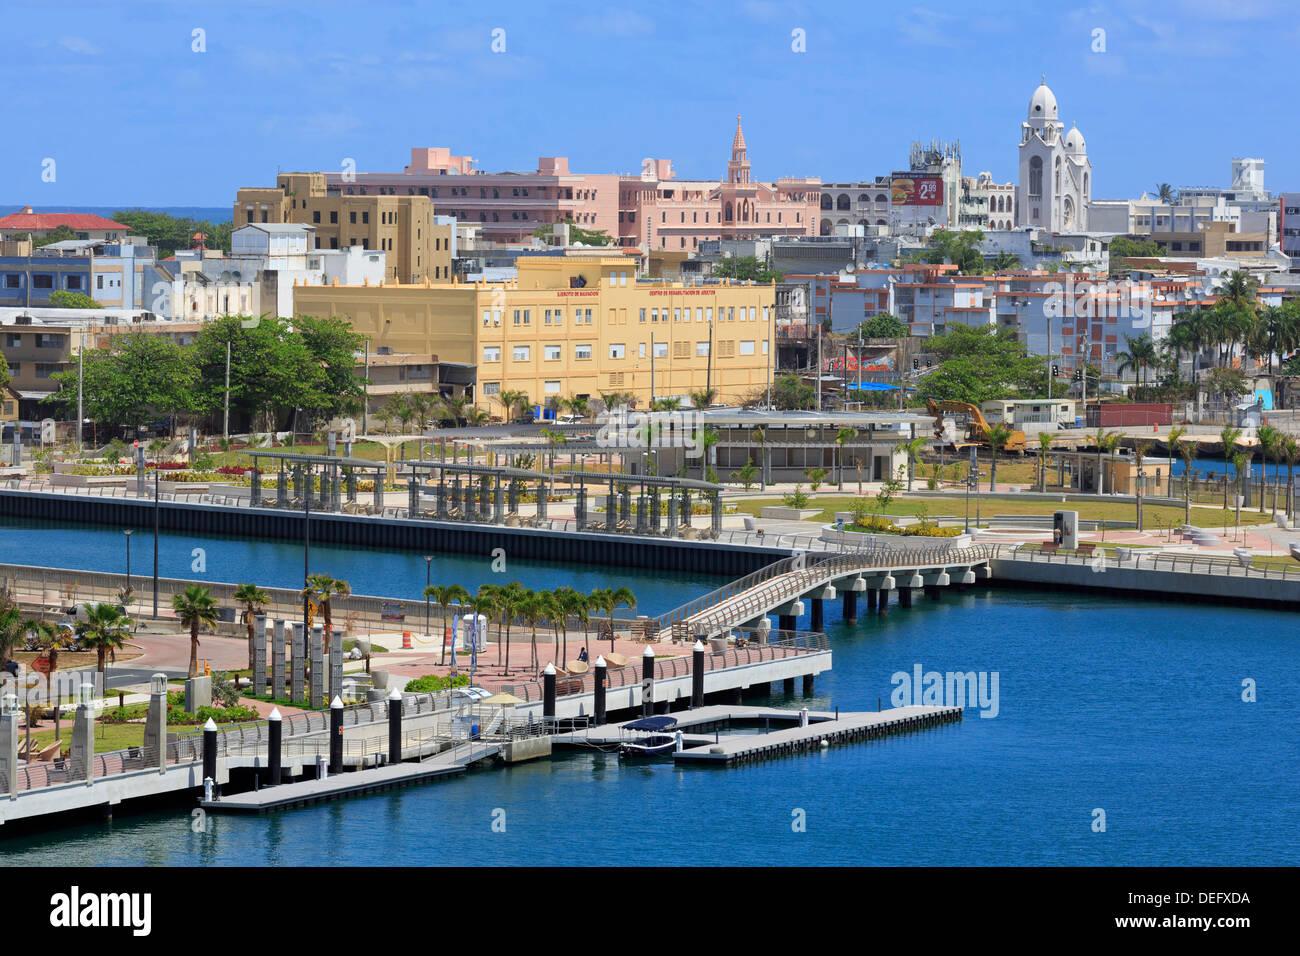 Bahía Urbana en San Juan, Puerto Rico, Antillas, Caribe, América Central Imagen De Stock